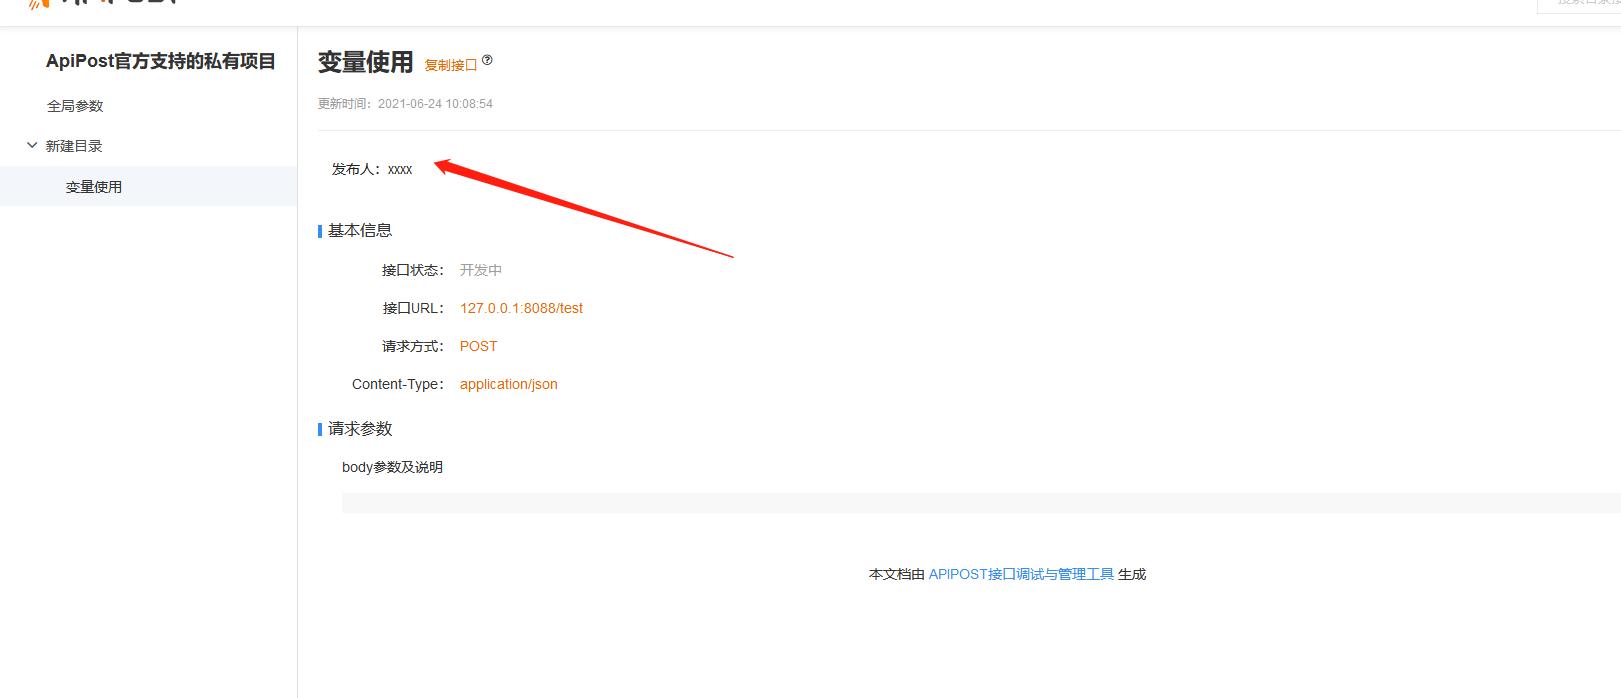 可不可以在接口文档里加上接口发布人